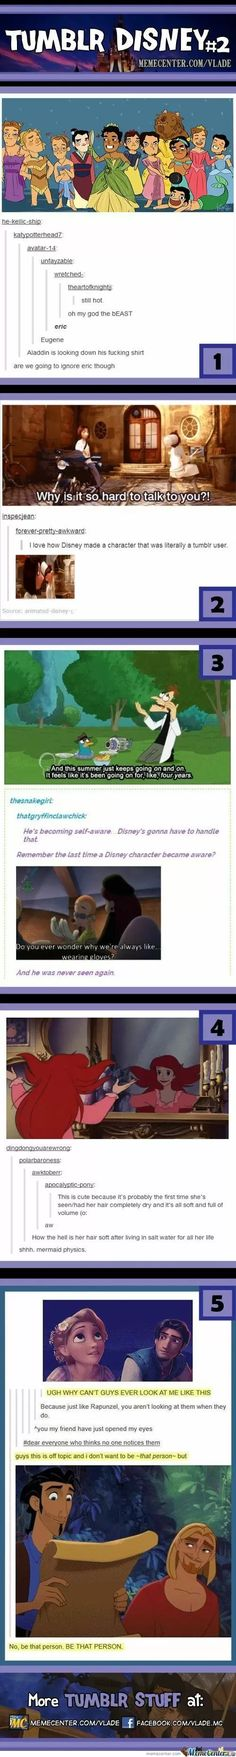 Tumblr Disney #2